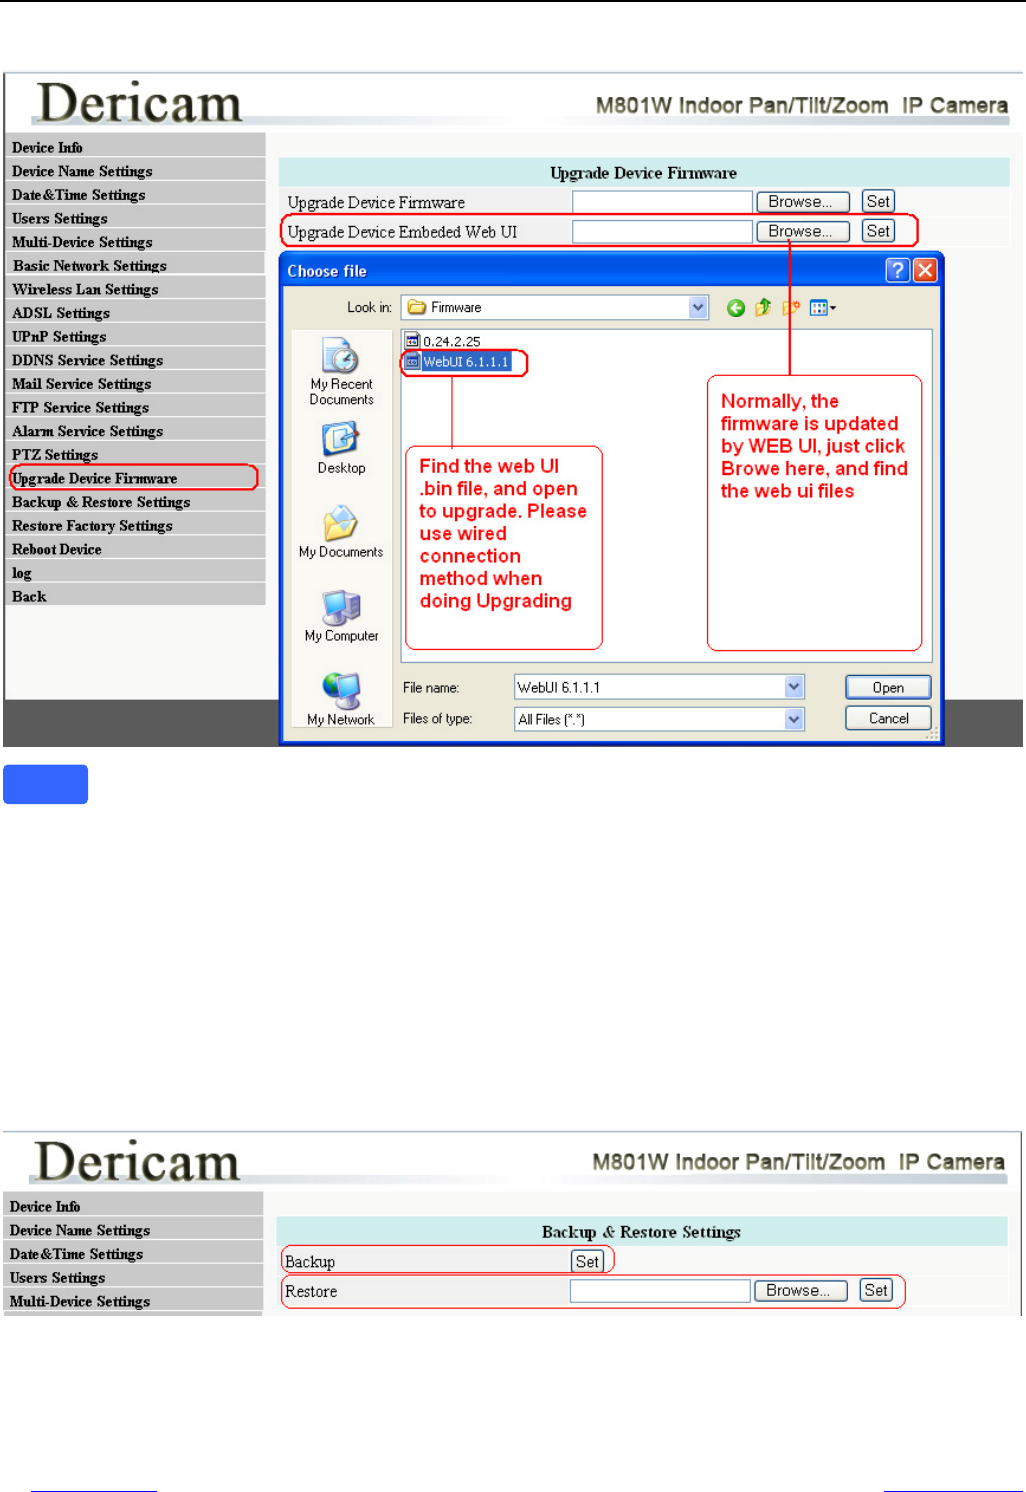 Handleiding Dericam M801W - Indoor Pan-Tilt-Zoom IP Camera